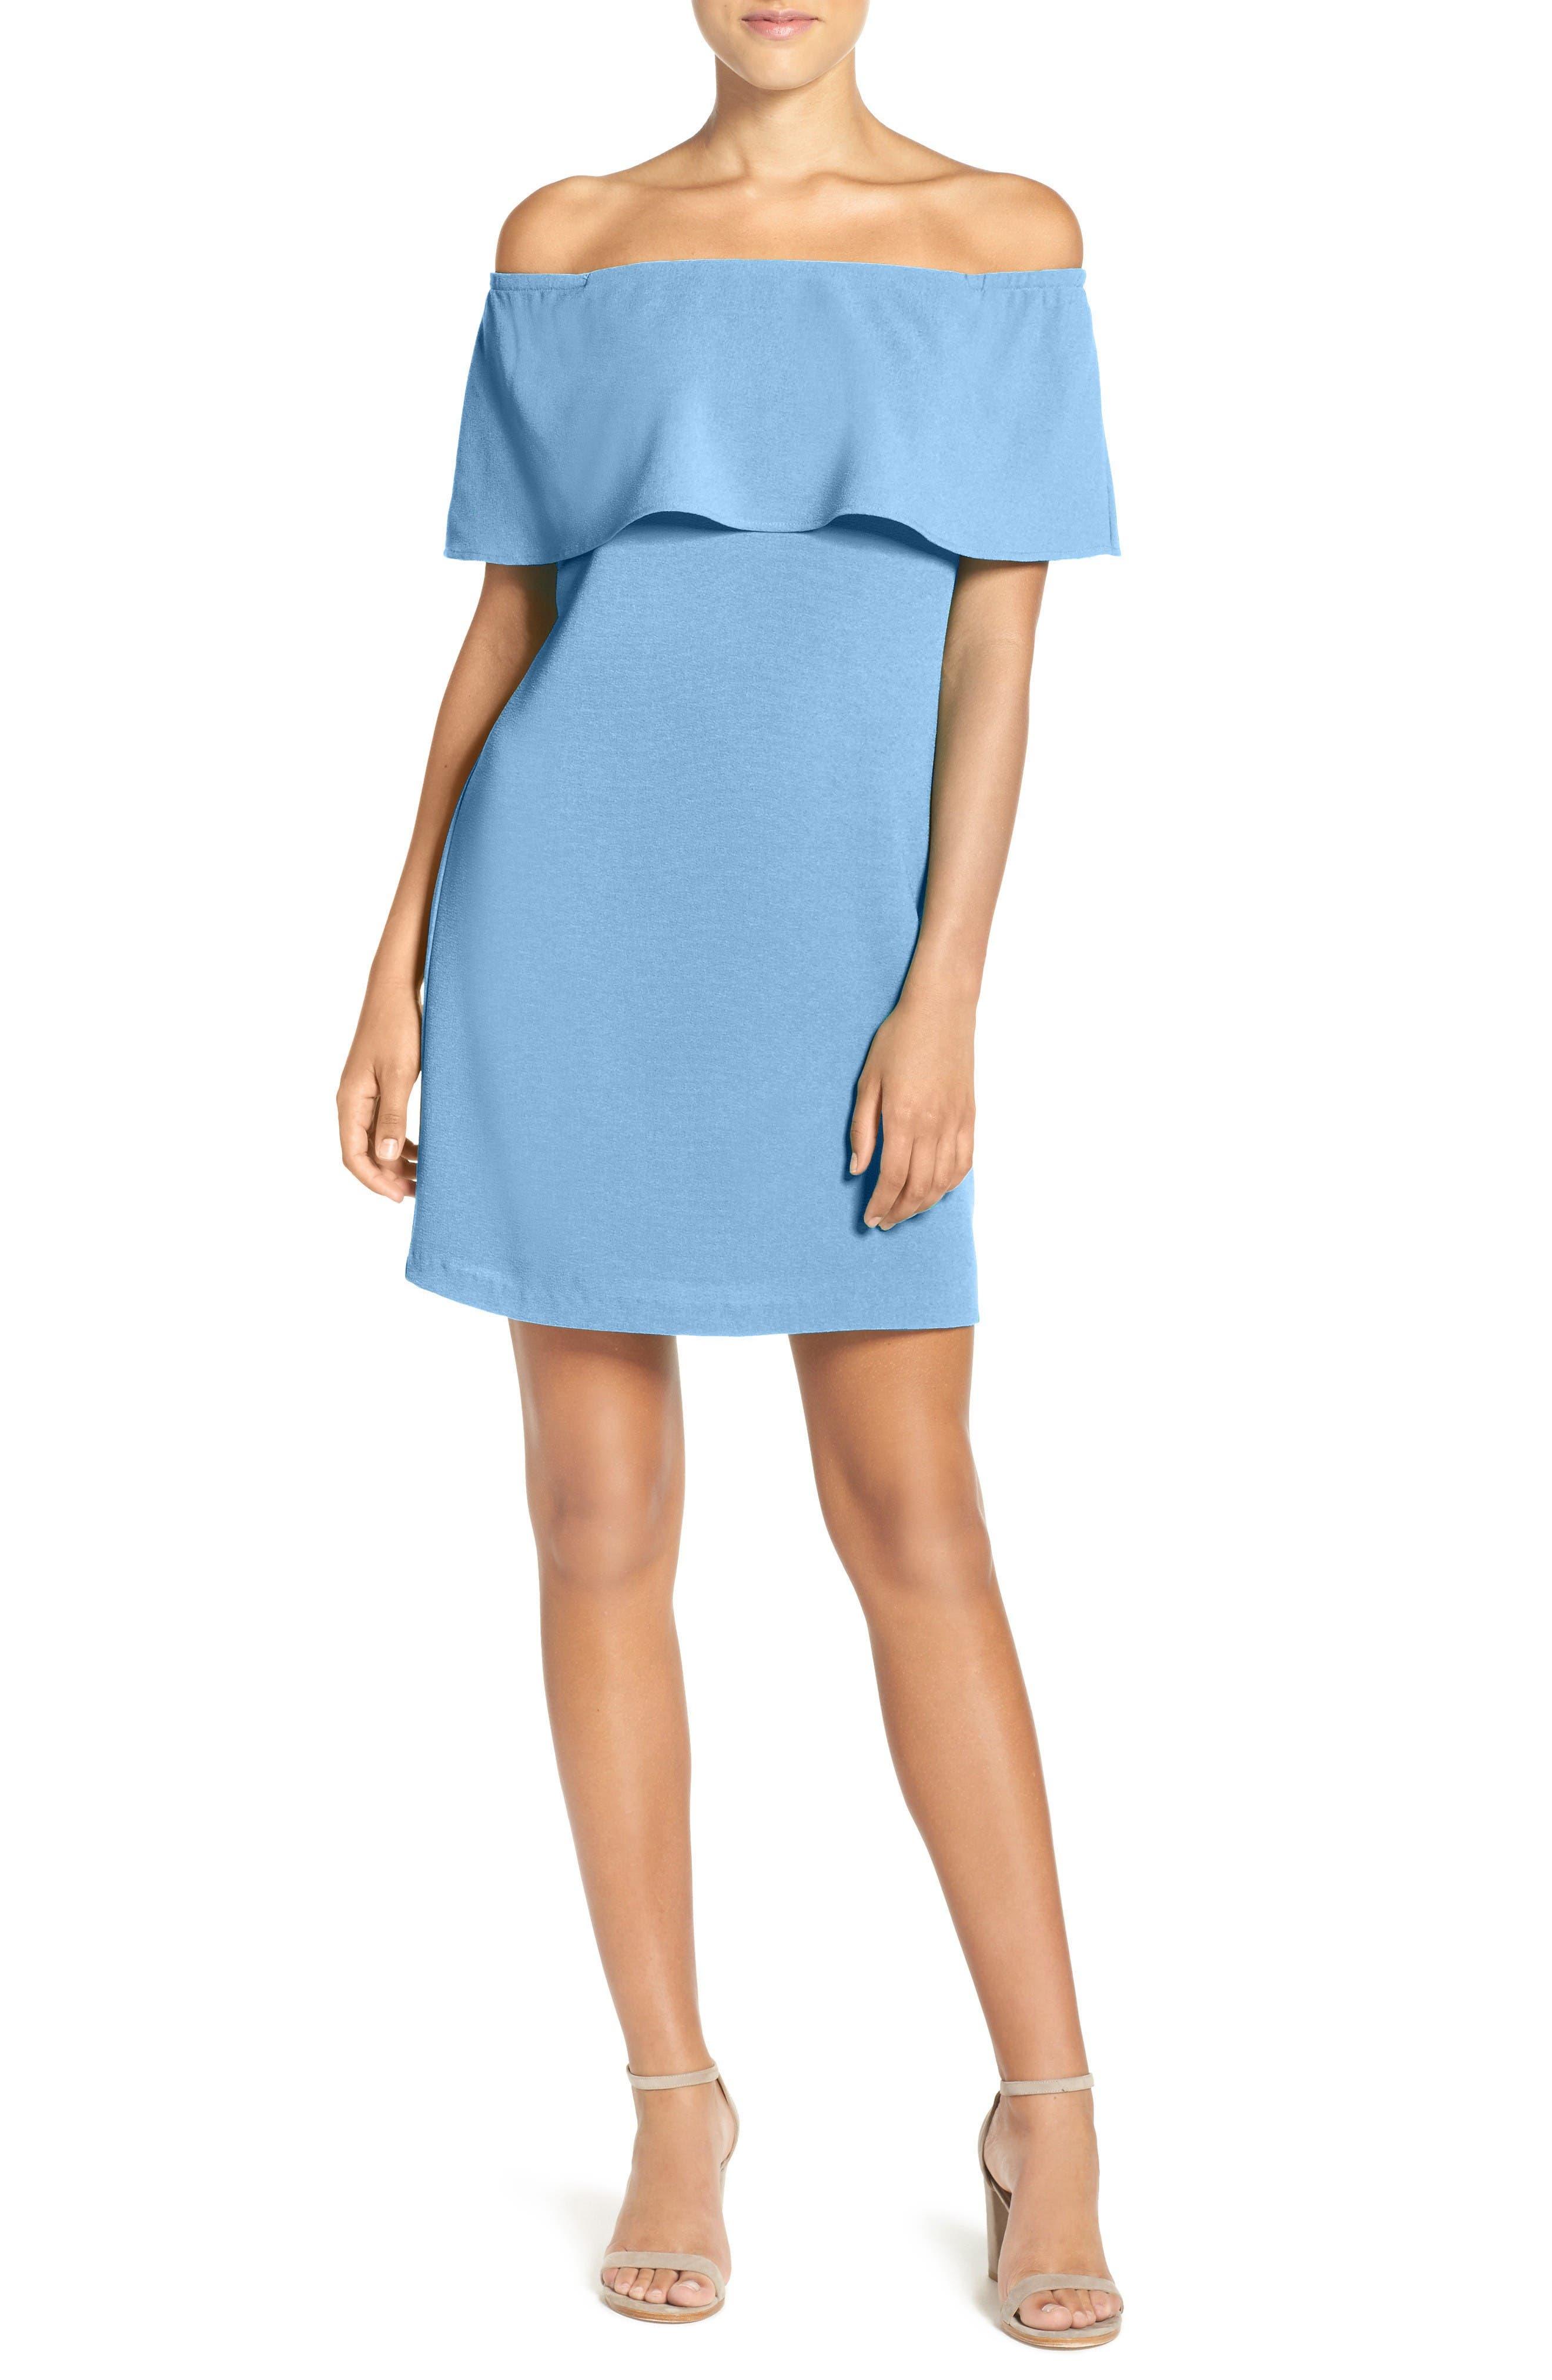 CHARLES HENRY Off the Shoulder Dress, Main, color, 455